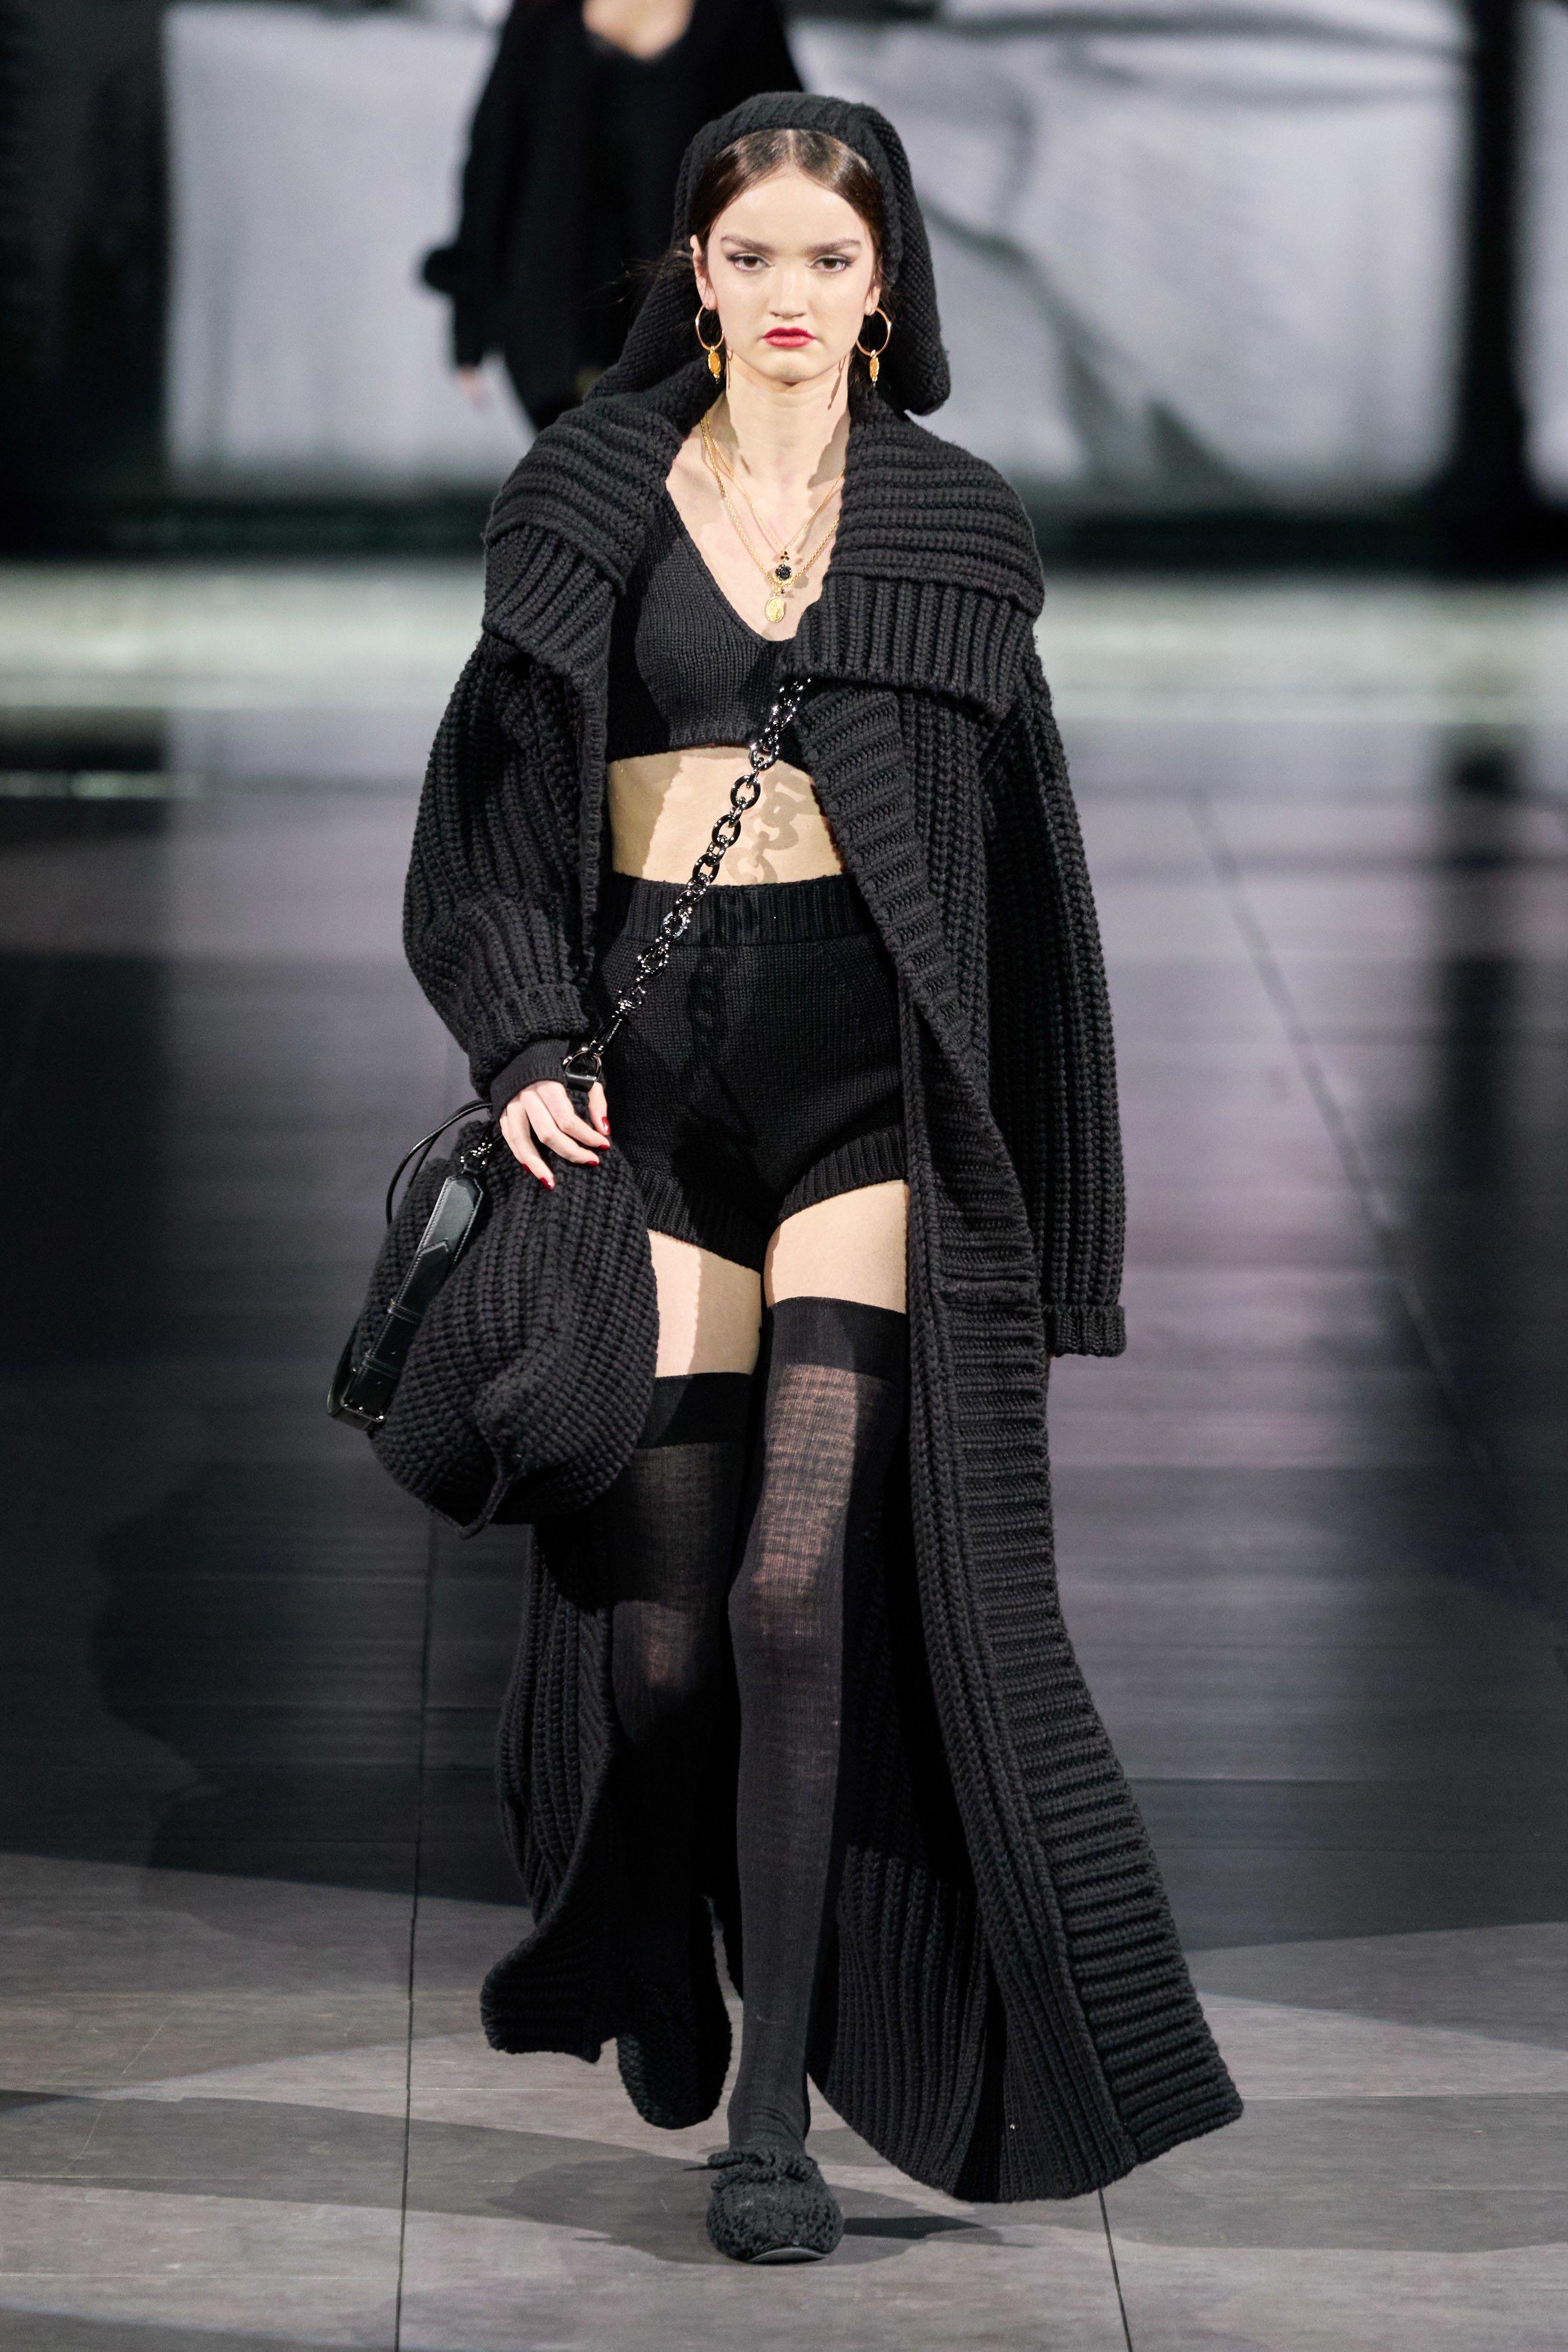 Dolce & Gabbana Fall 2020 Ready-to-Wear Fashion Show